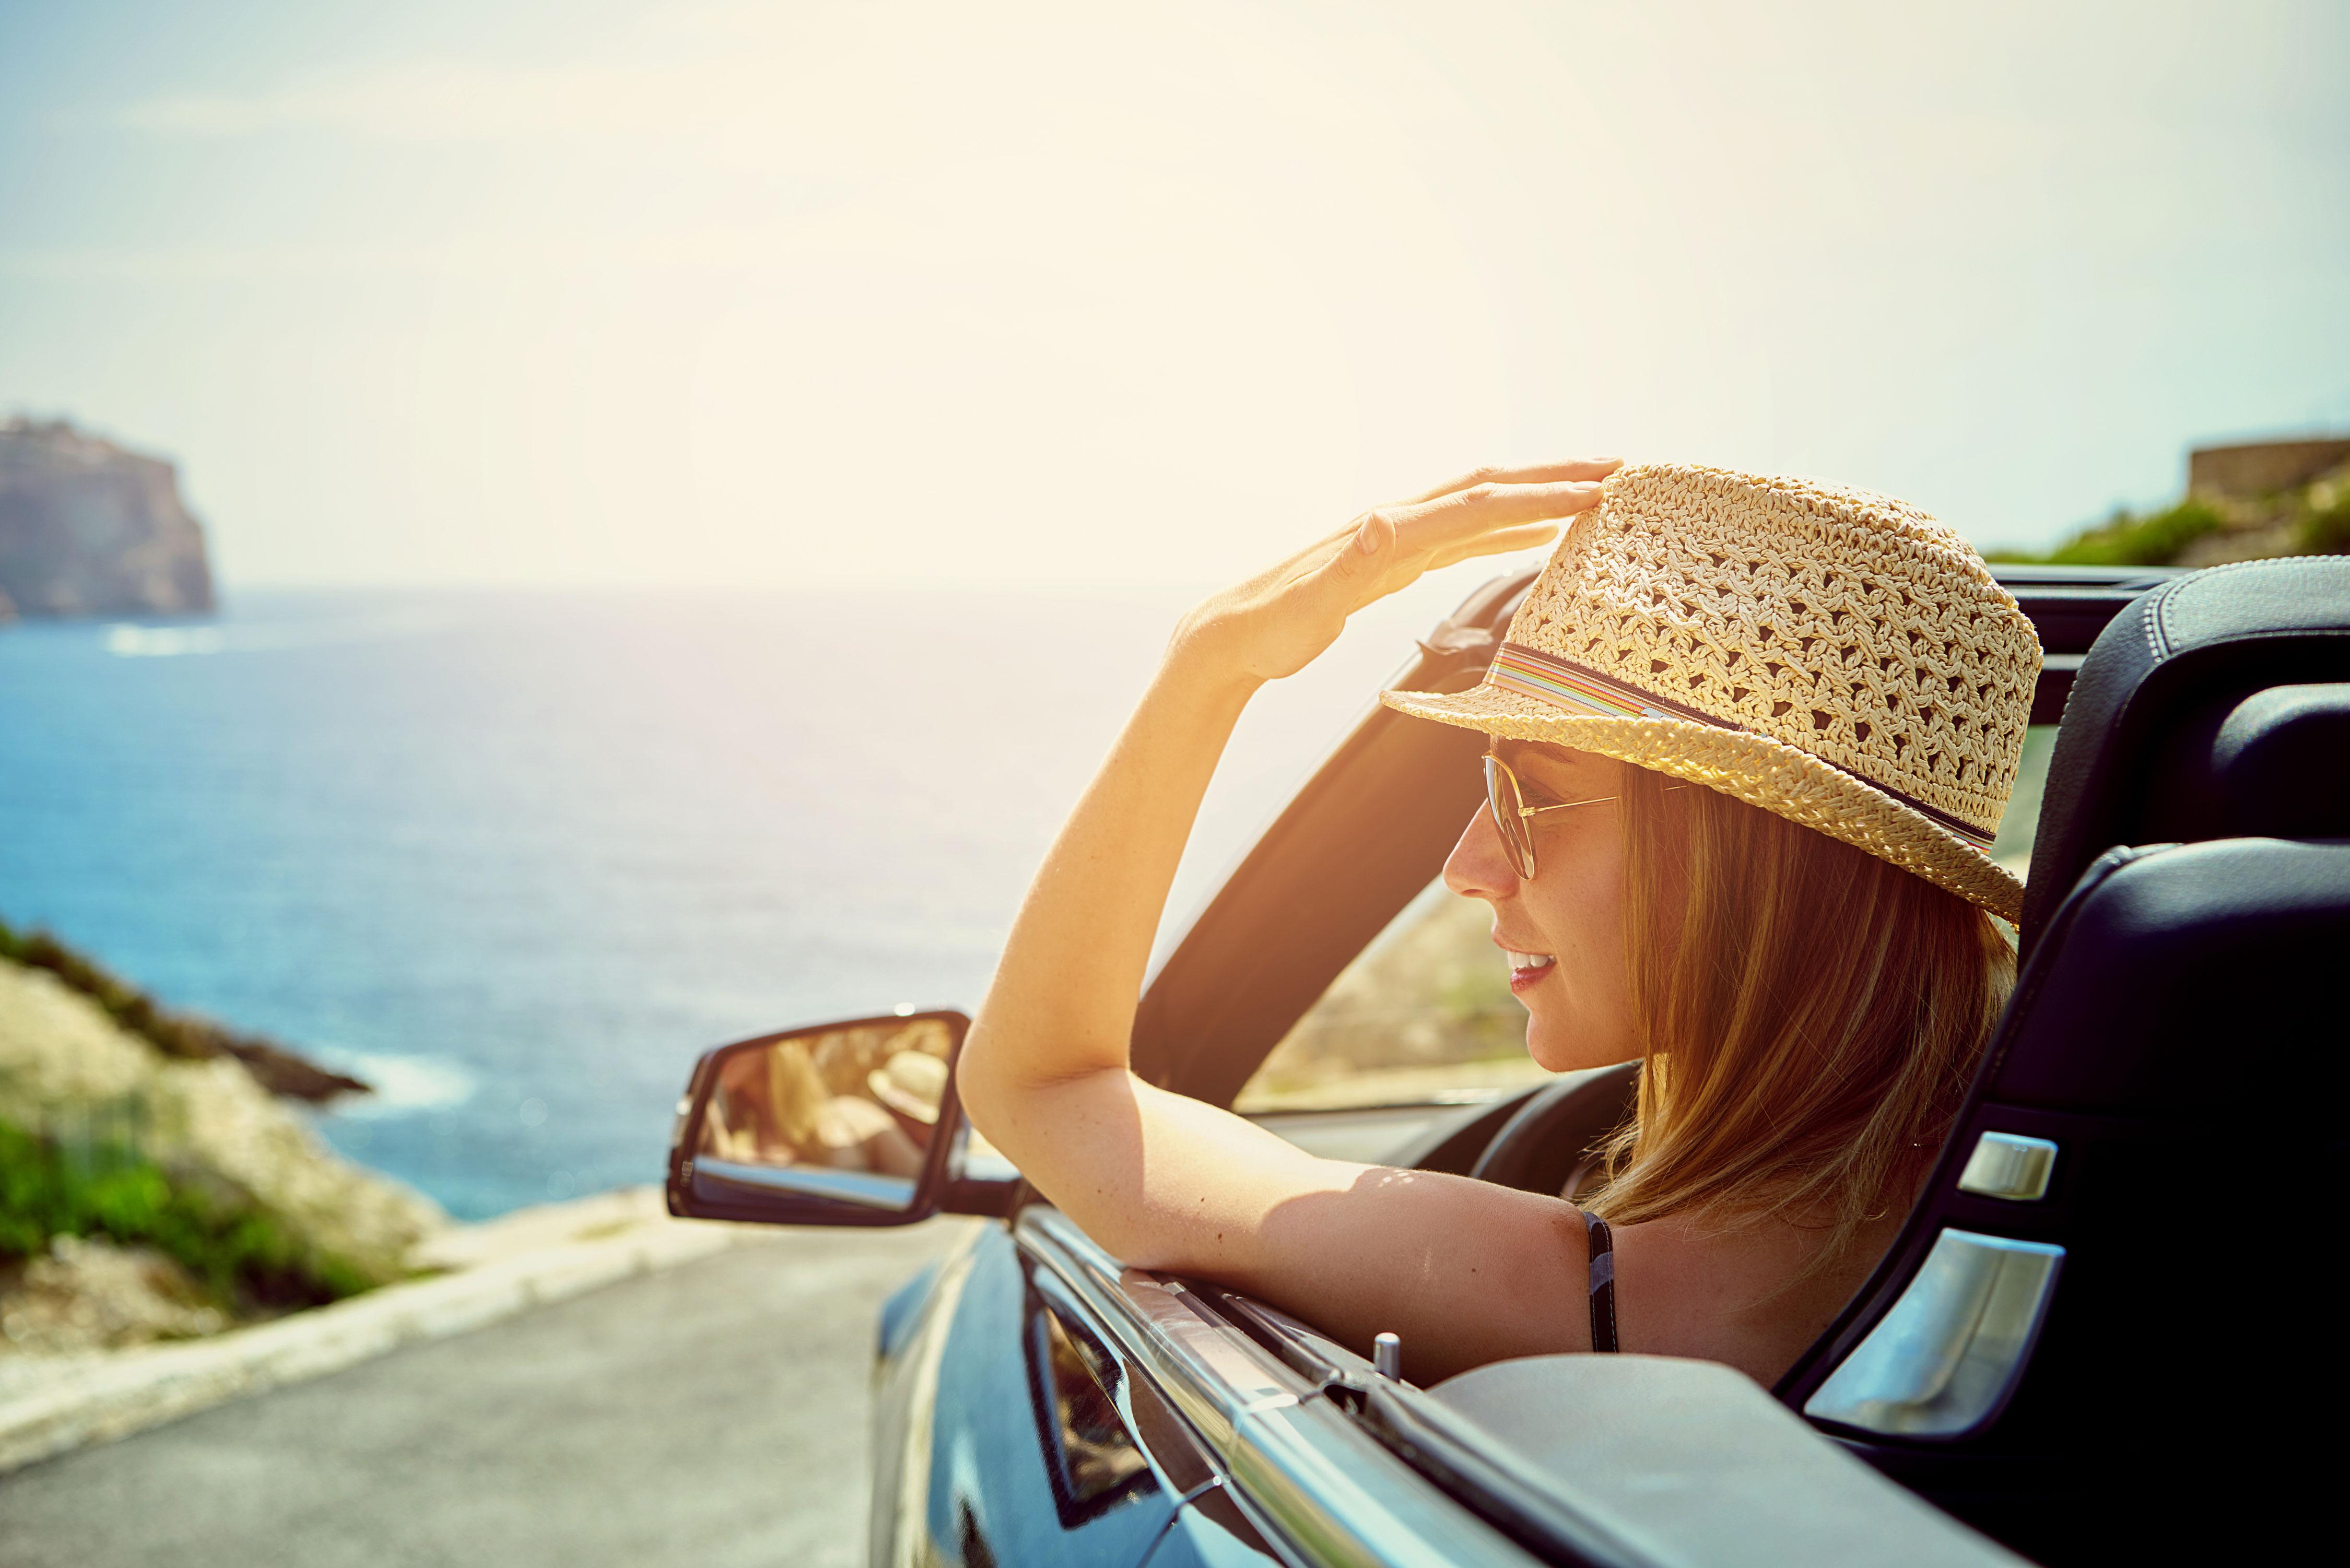 Seitenblick auf lächelnde Frau in Cabrio am Meer im Sonnenschein